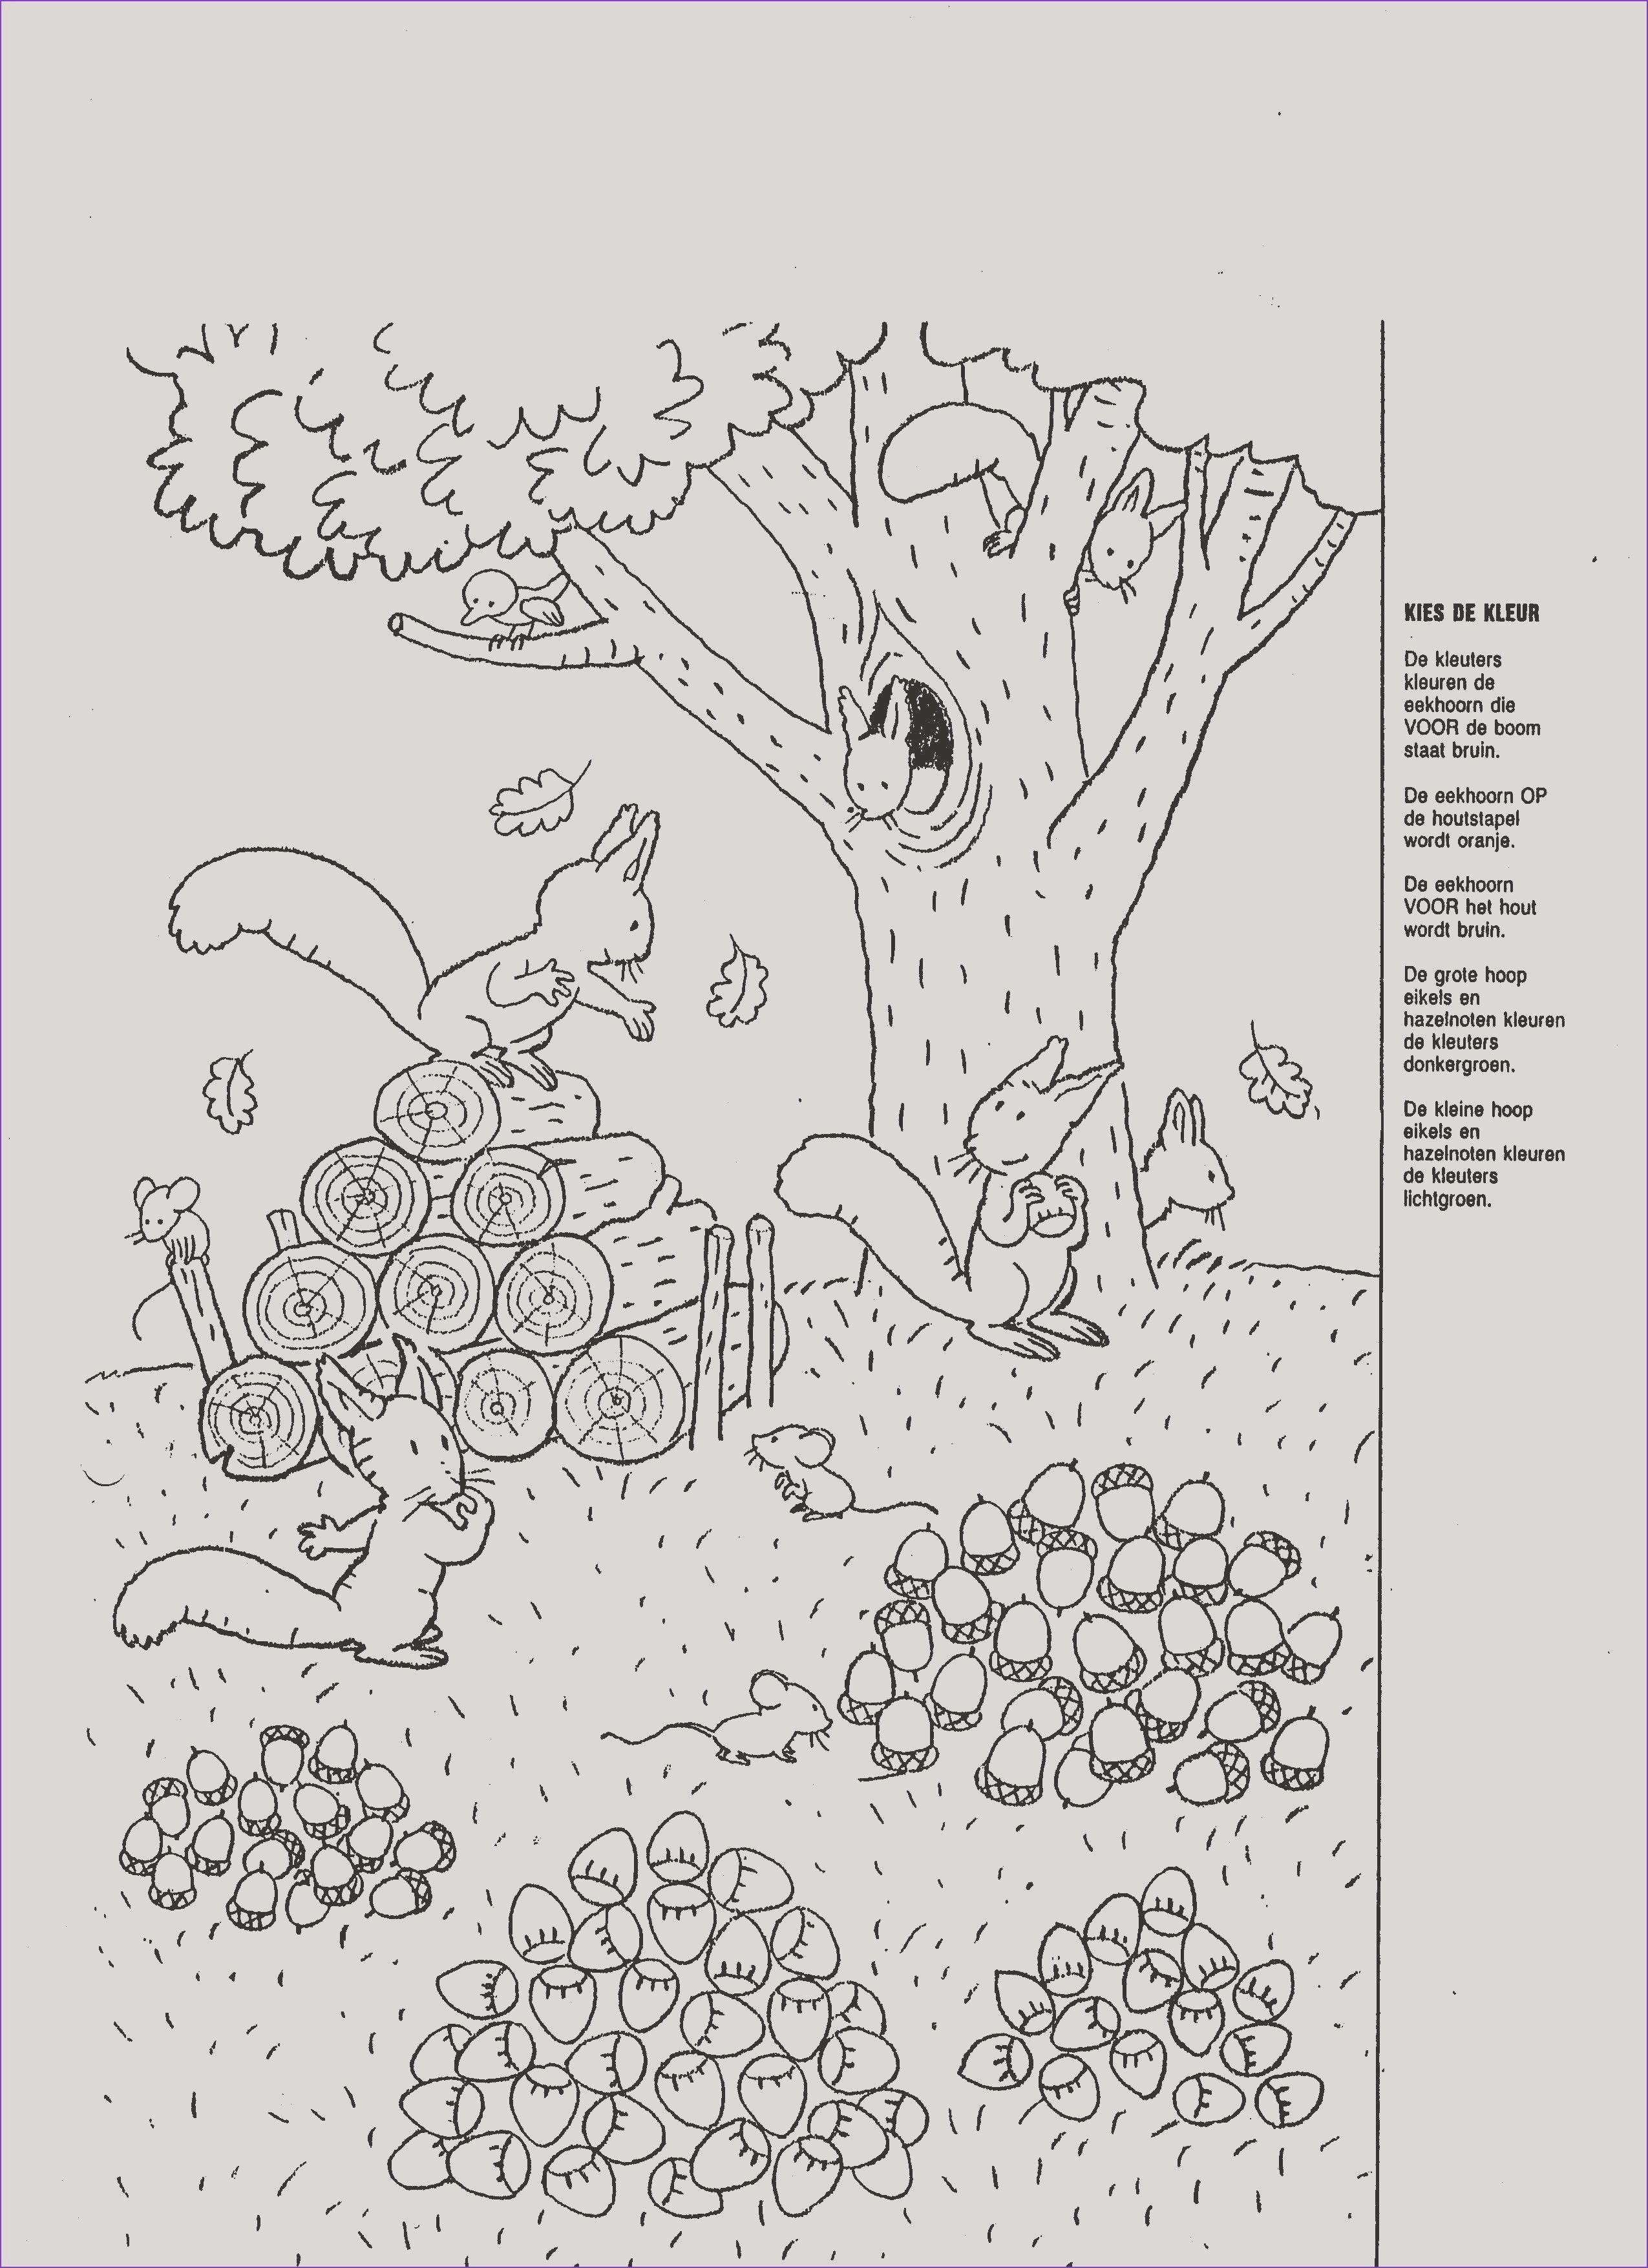 malvorlagen jahreszeiten pdf | aiquruguay